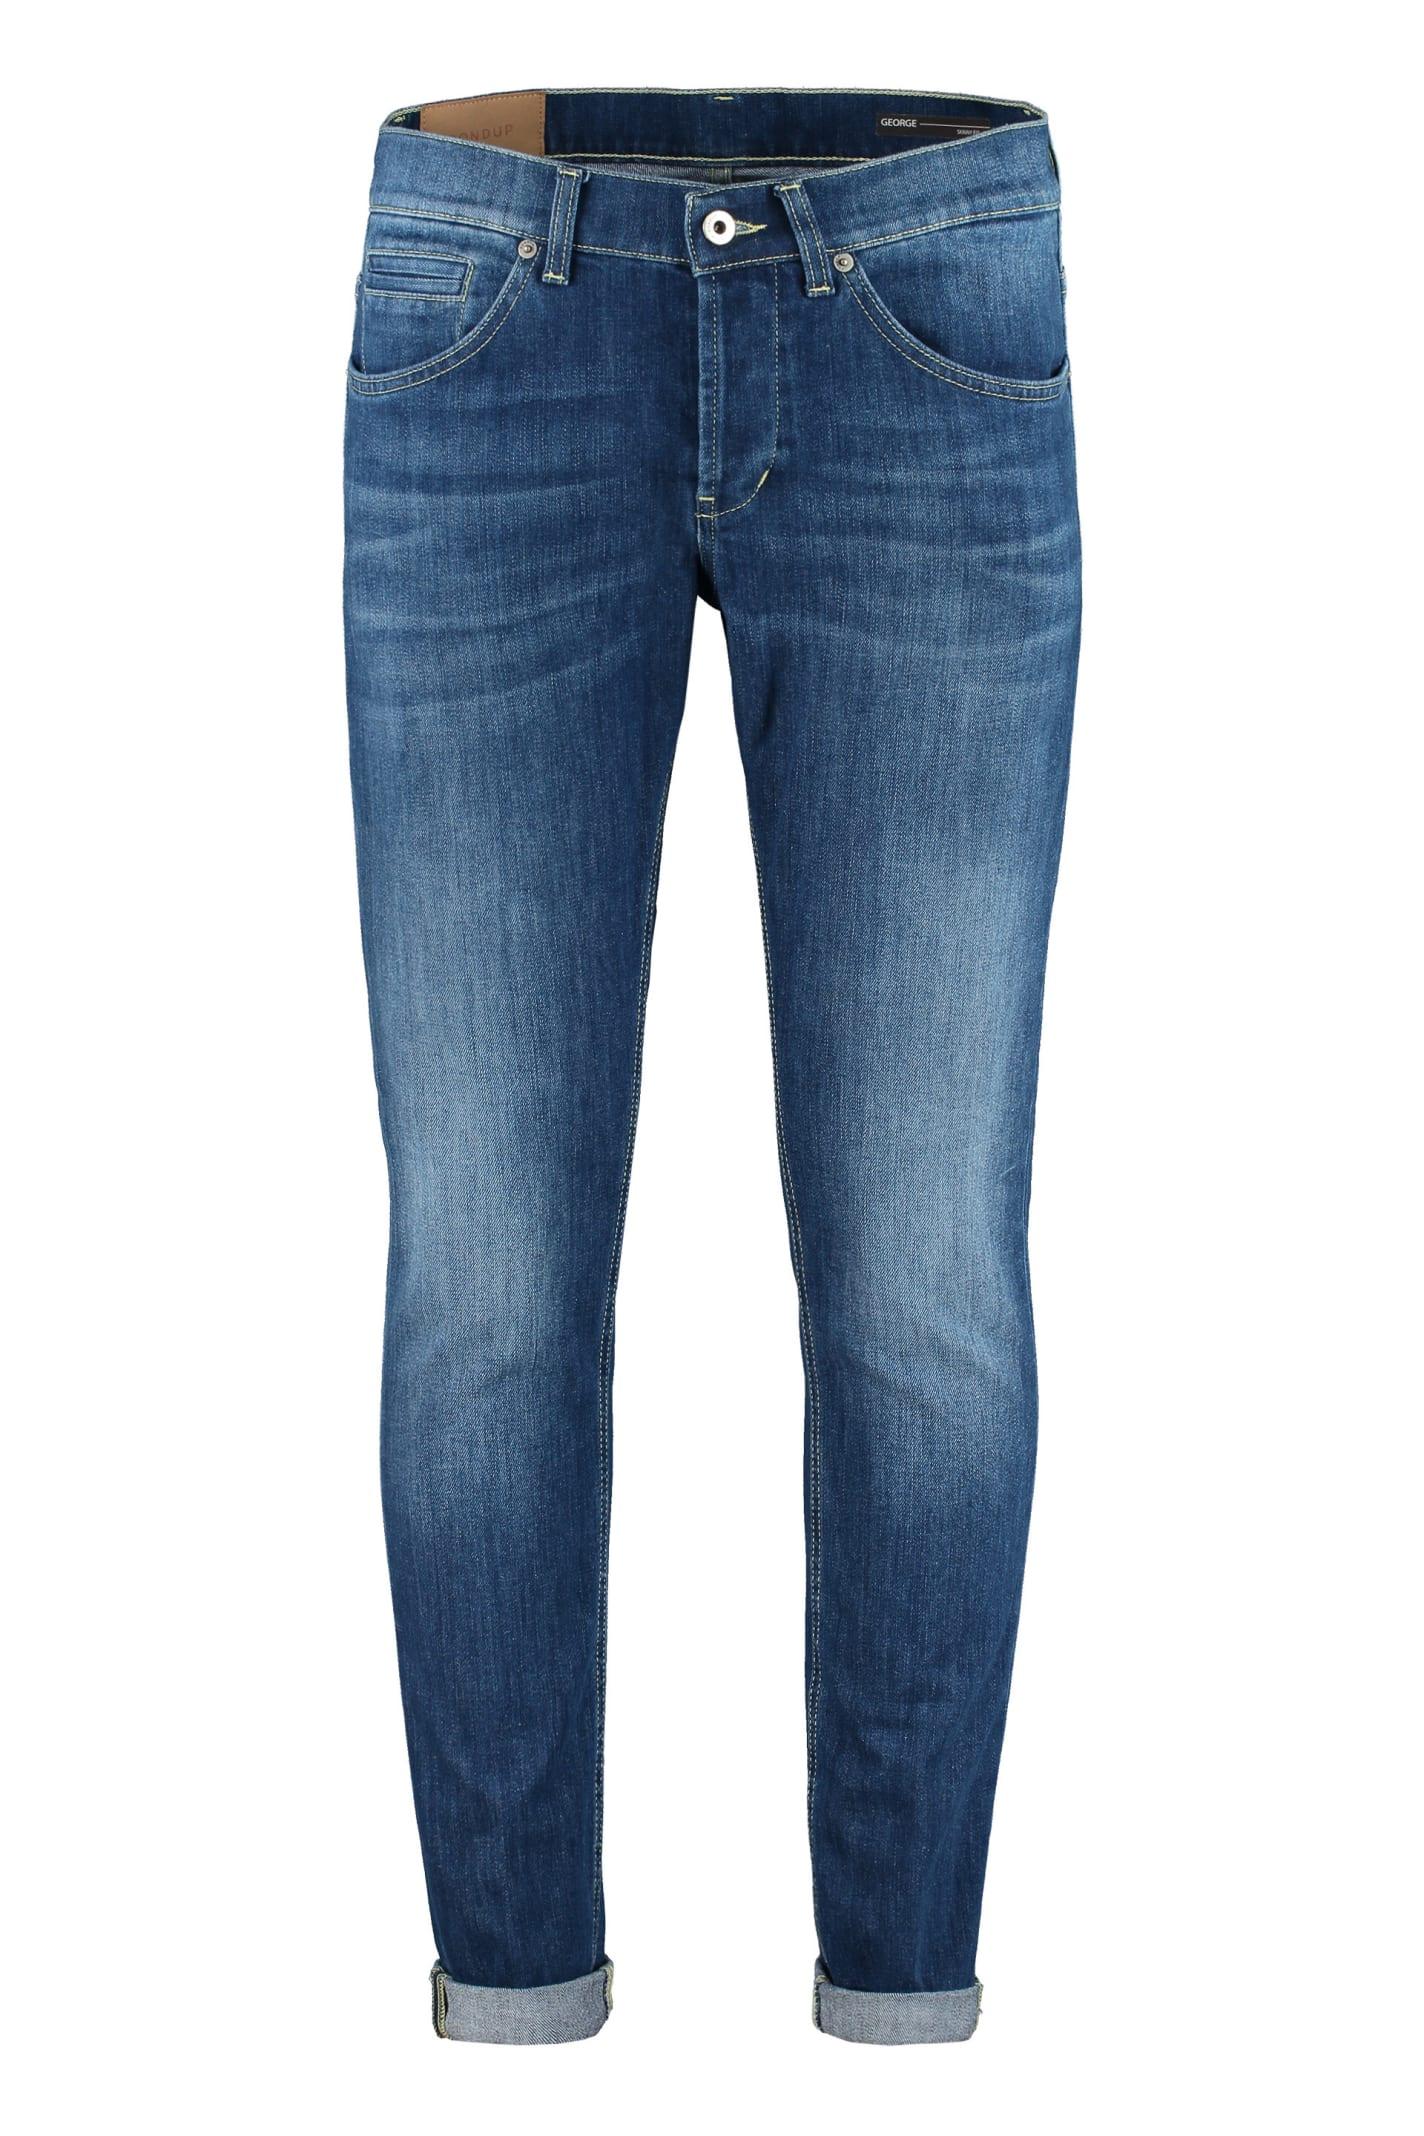 Dondup George 5-pocket Jeans